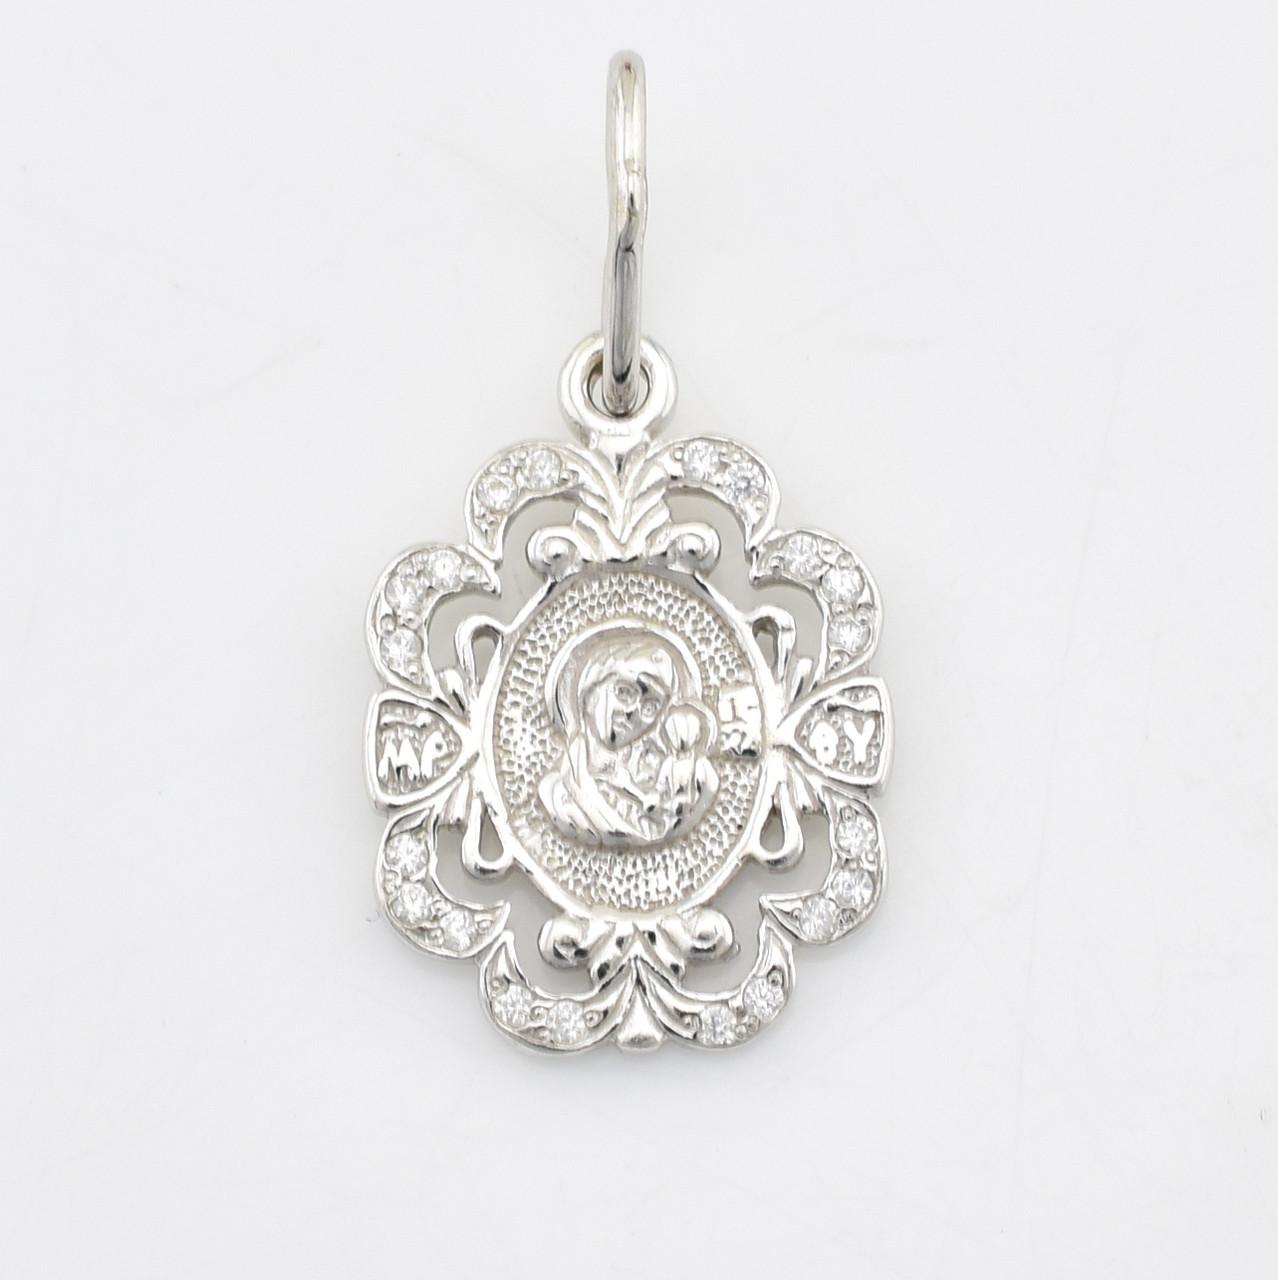 Серебряная иконка Богородица размер 24х13 мм вставка белые фианиты вес 1.6 г